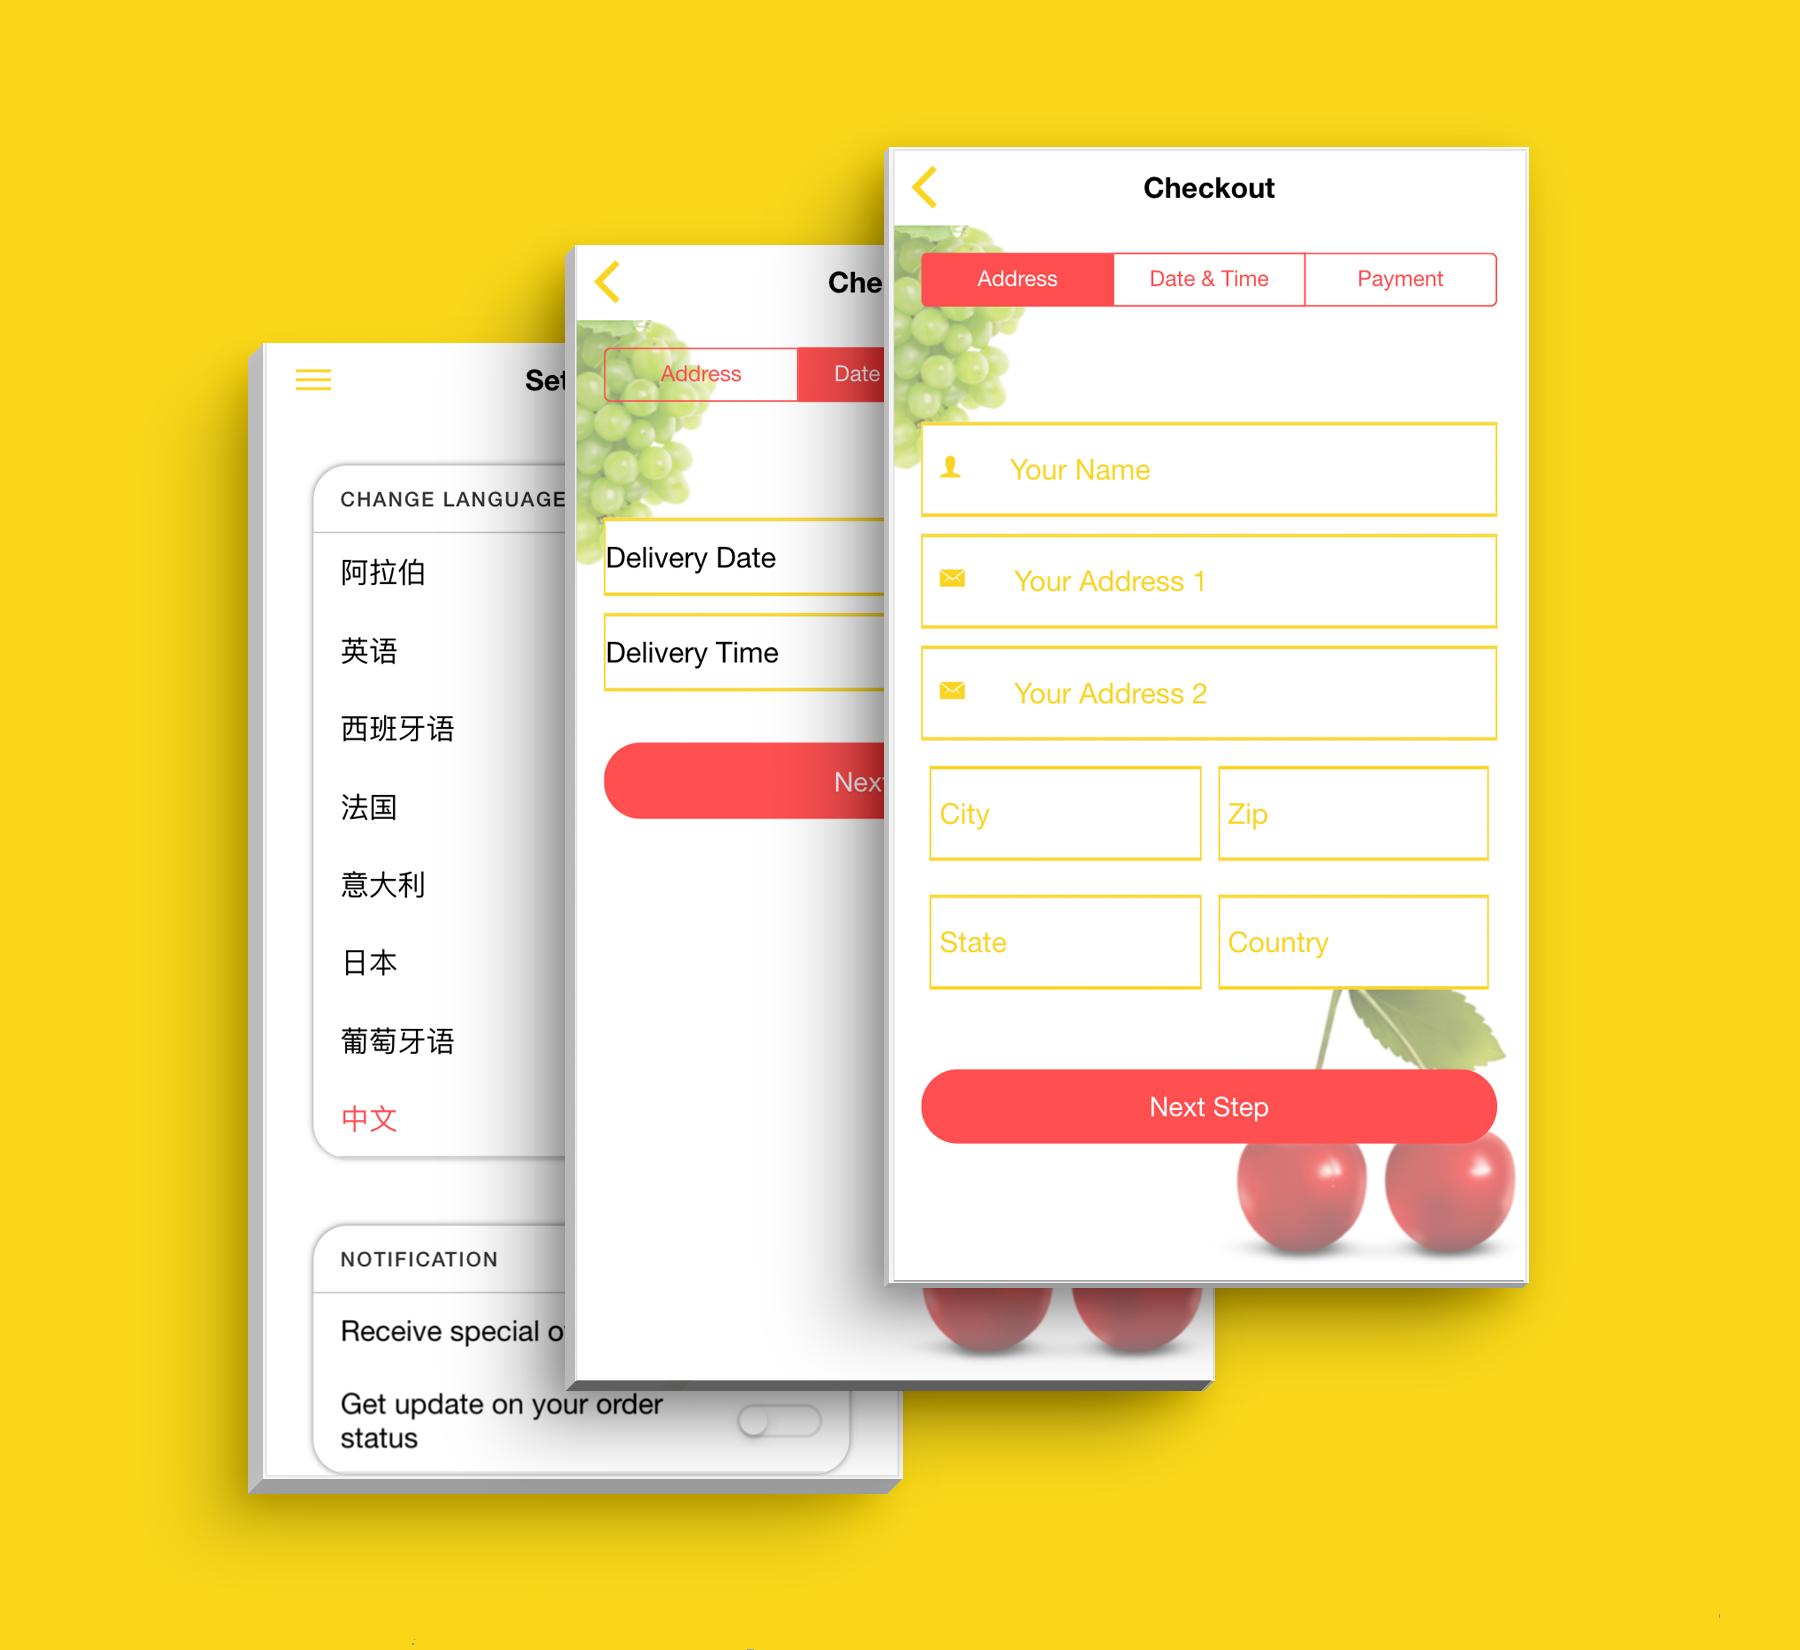 Aplicativo de supermercado de interface do usuário de modelo de comércio eletrônico multifuncional completo compatível com vários idiomas i18n - 6